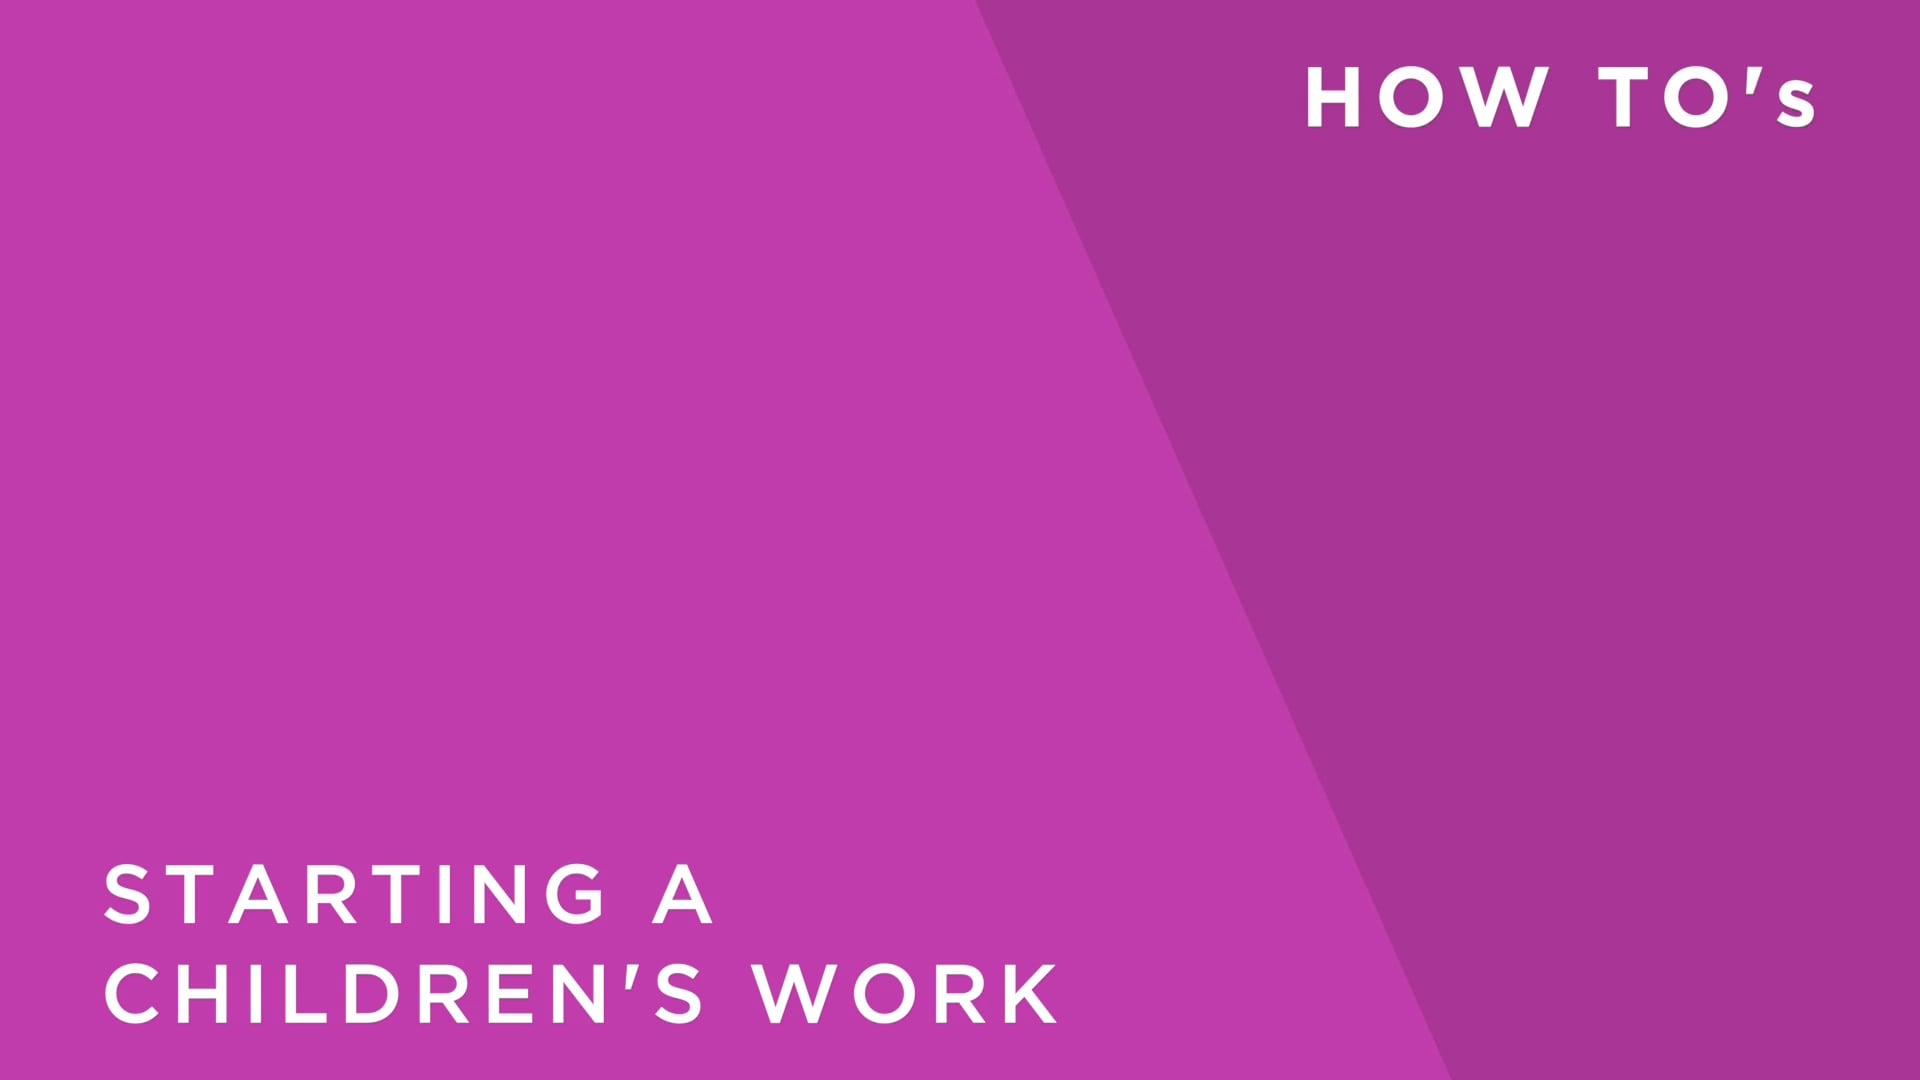 Starting a Children's Work